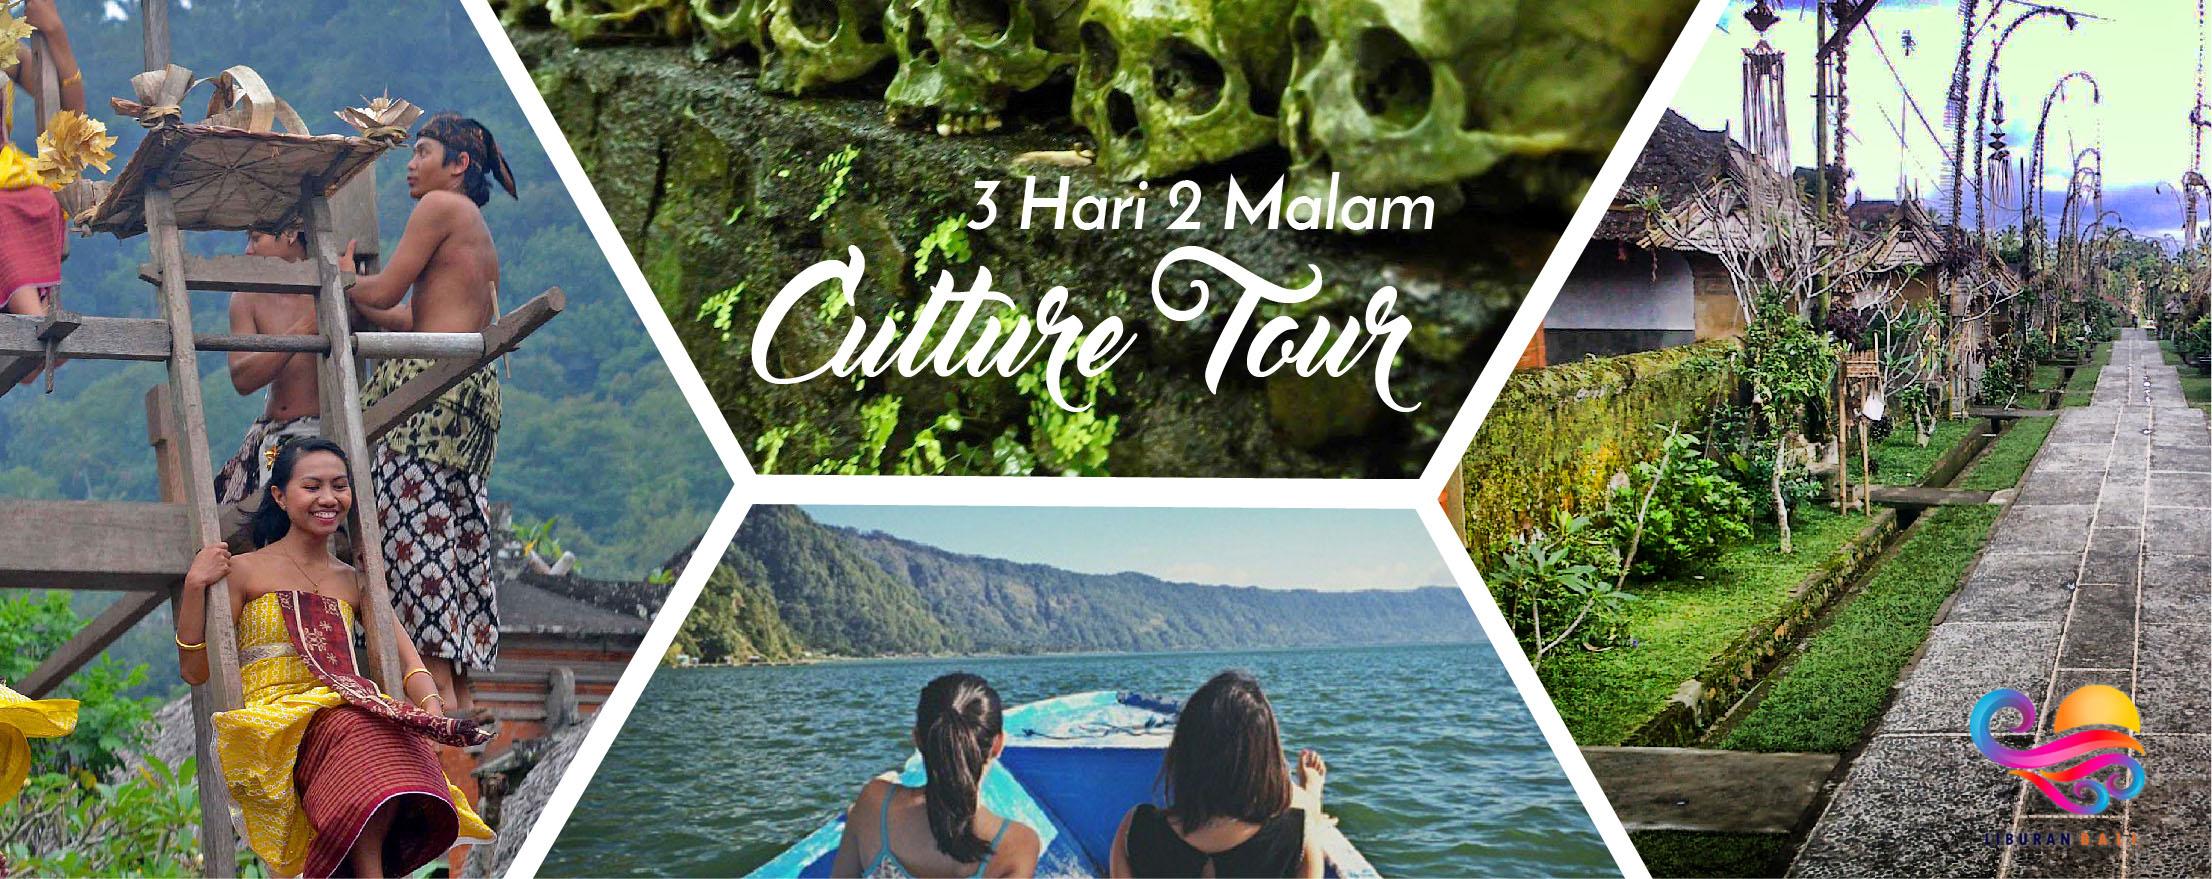 culture tour-01